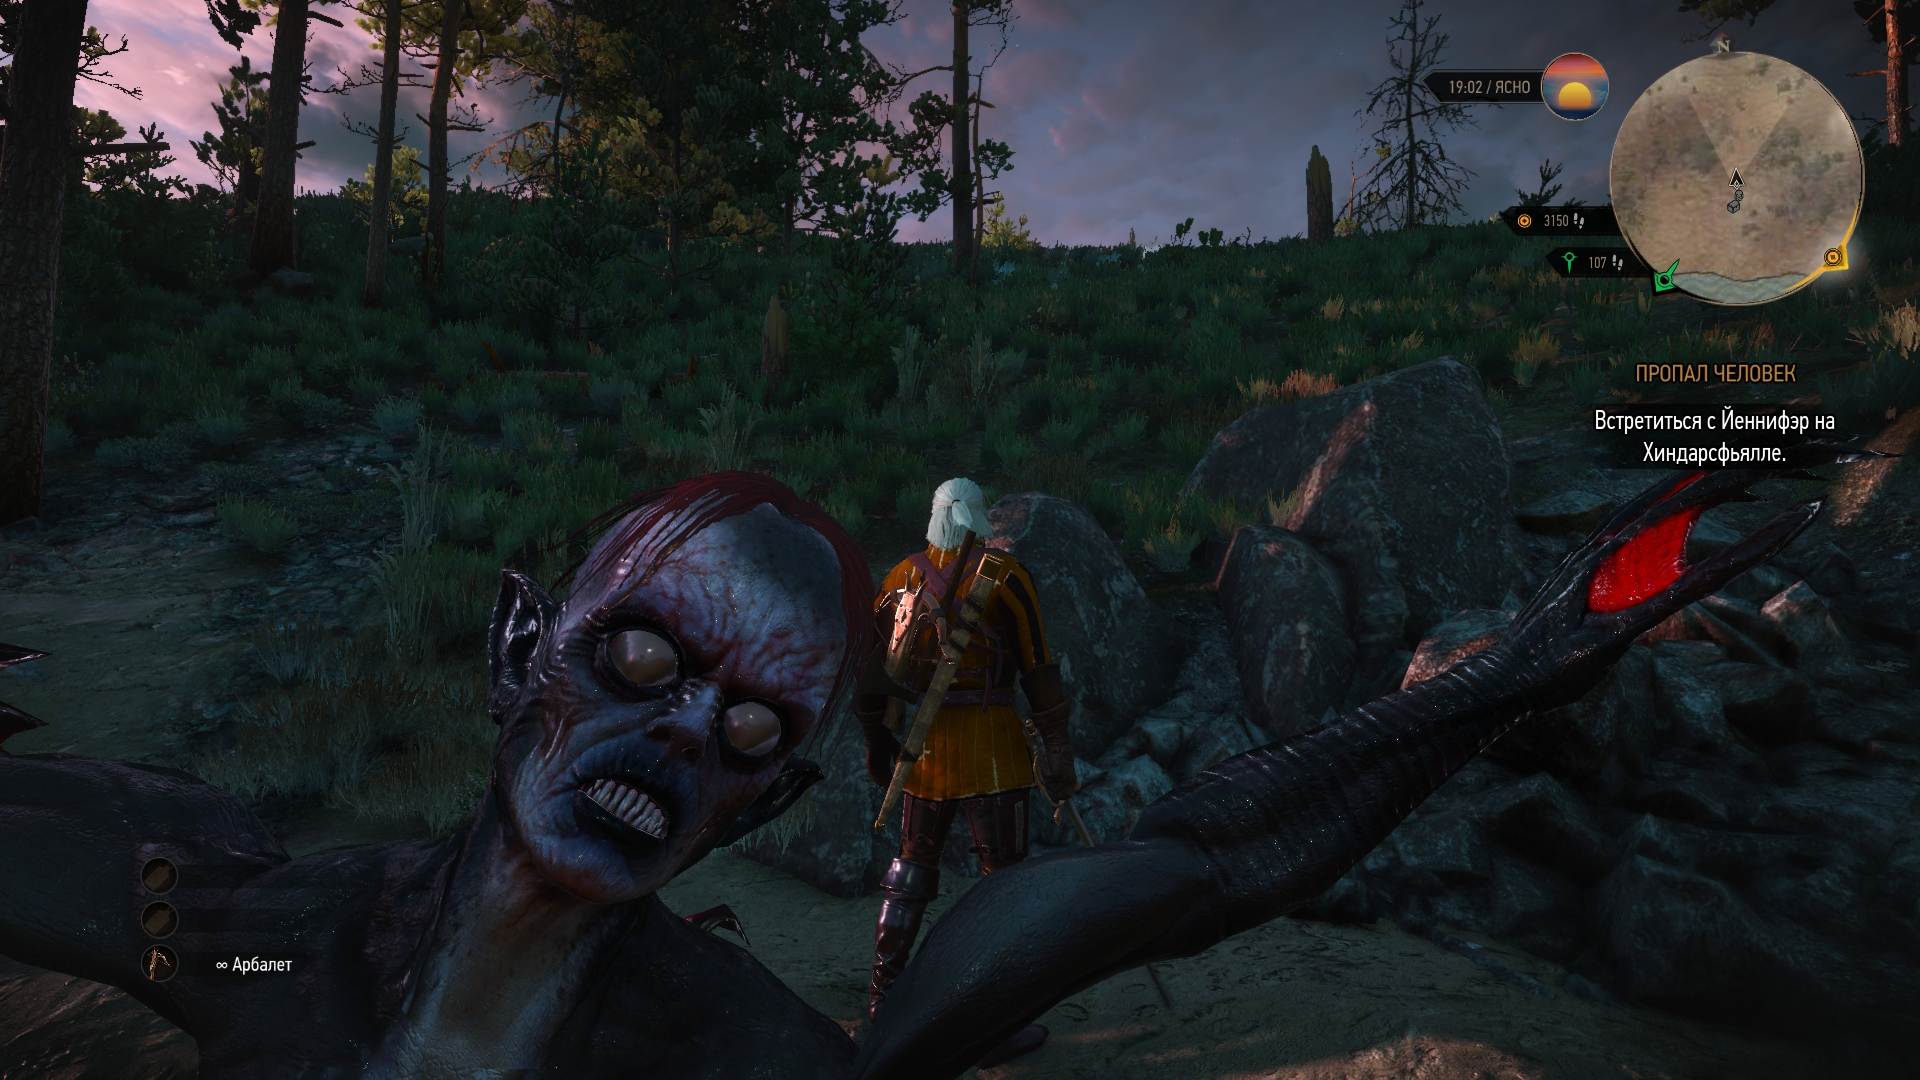 селфи с ведьмаком - Witcher 3: Wild Hunt, the